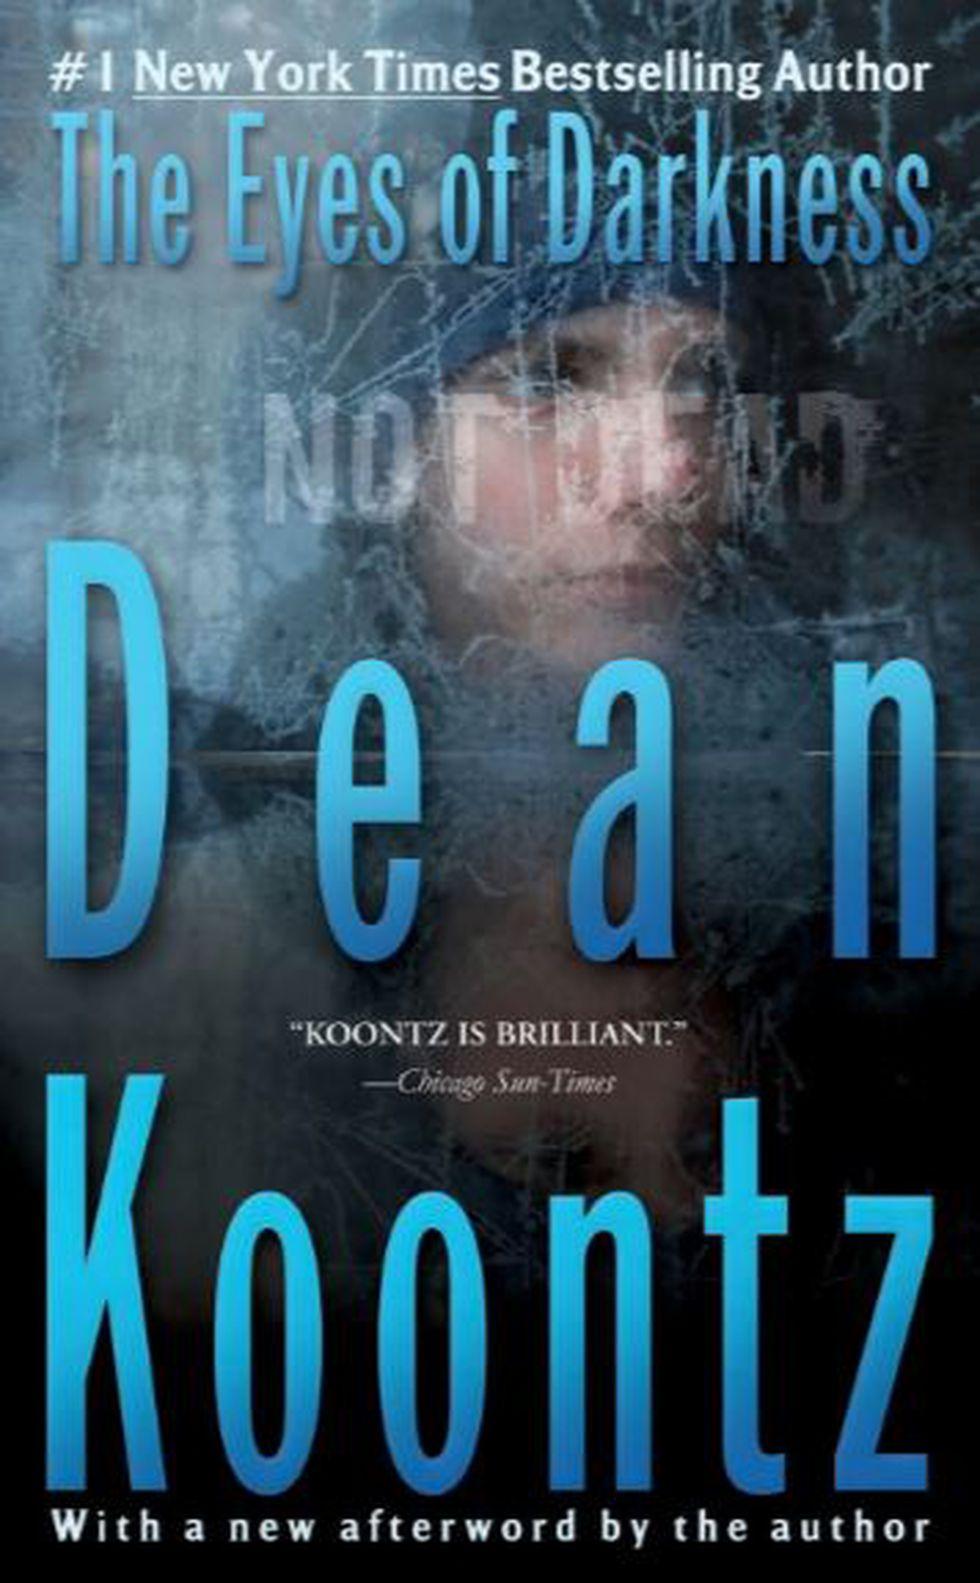 The Eyes of Darkness, el thriller de 1981 de Dean Koontz.